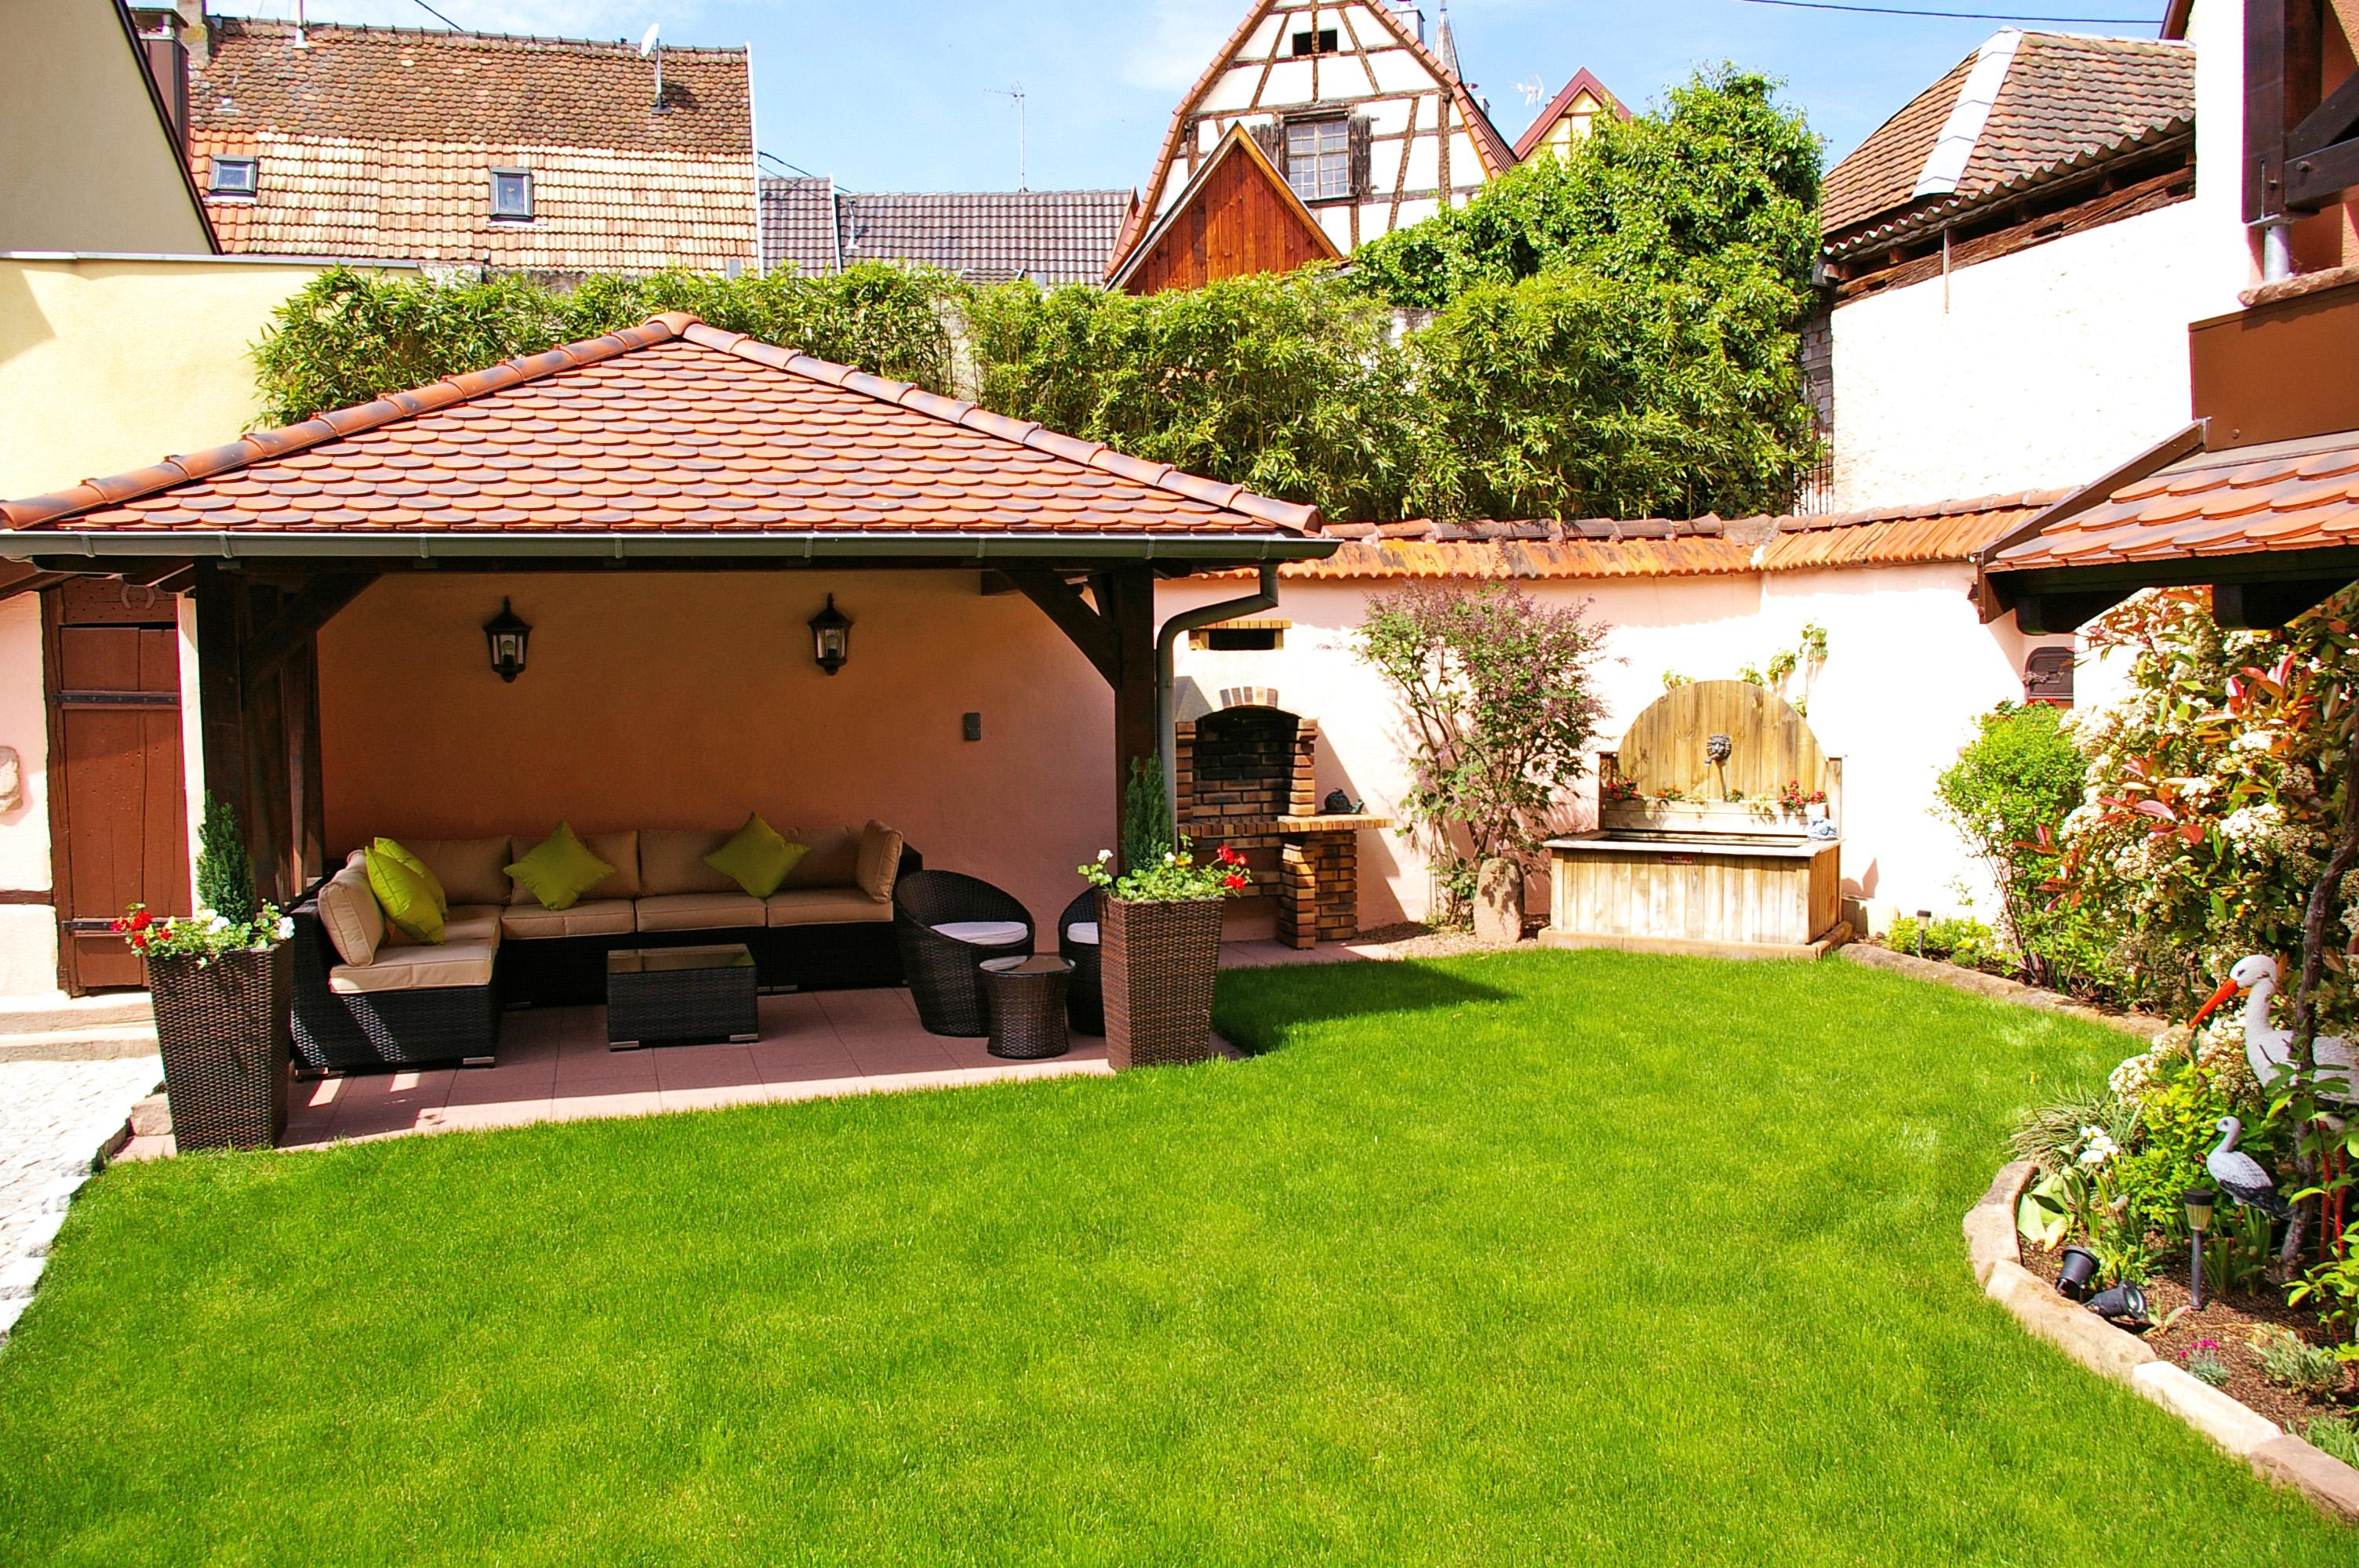 Chambres h´tes de charme en Alsace sur la Route des Vins proche